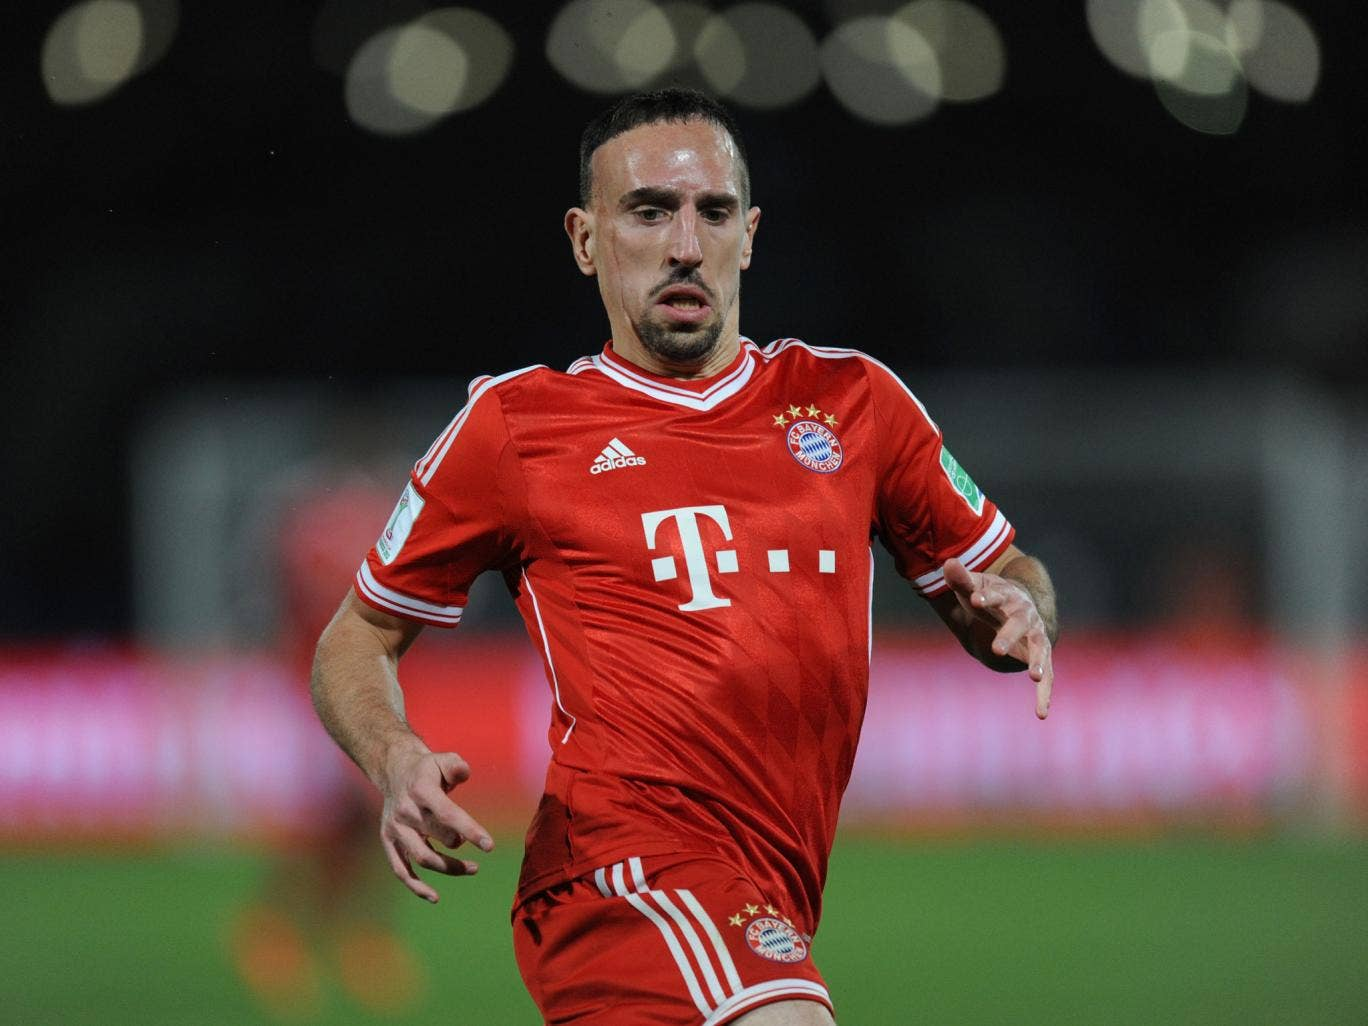 World XI: Midfielder - Franck Ribery (Bayern Munich and France)